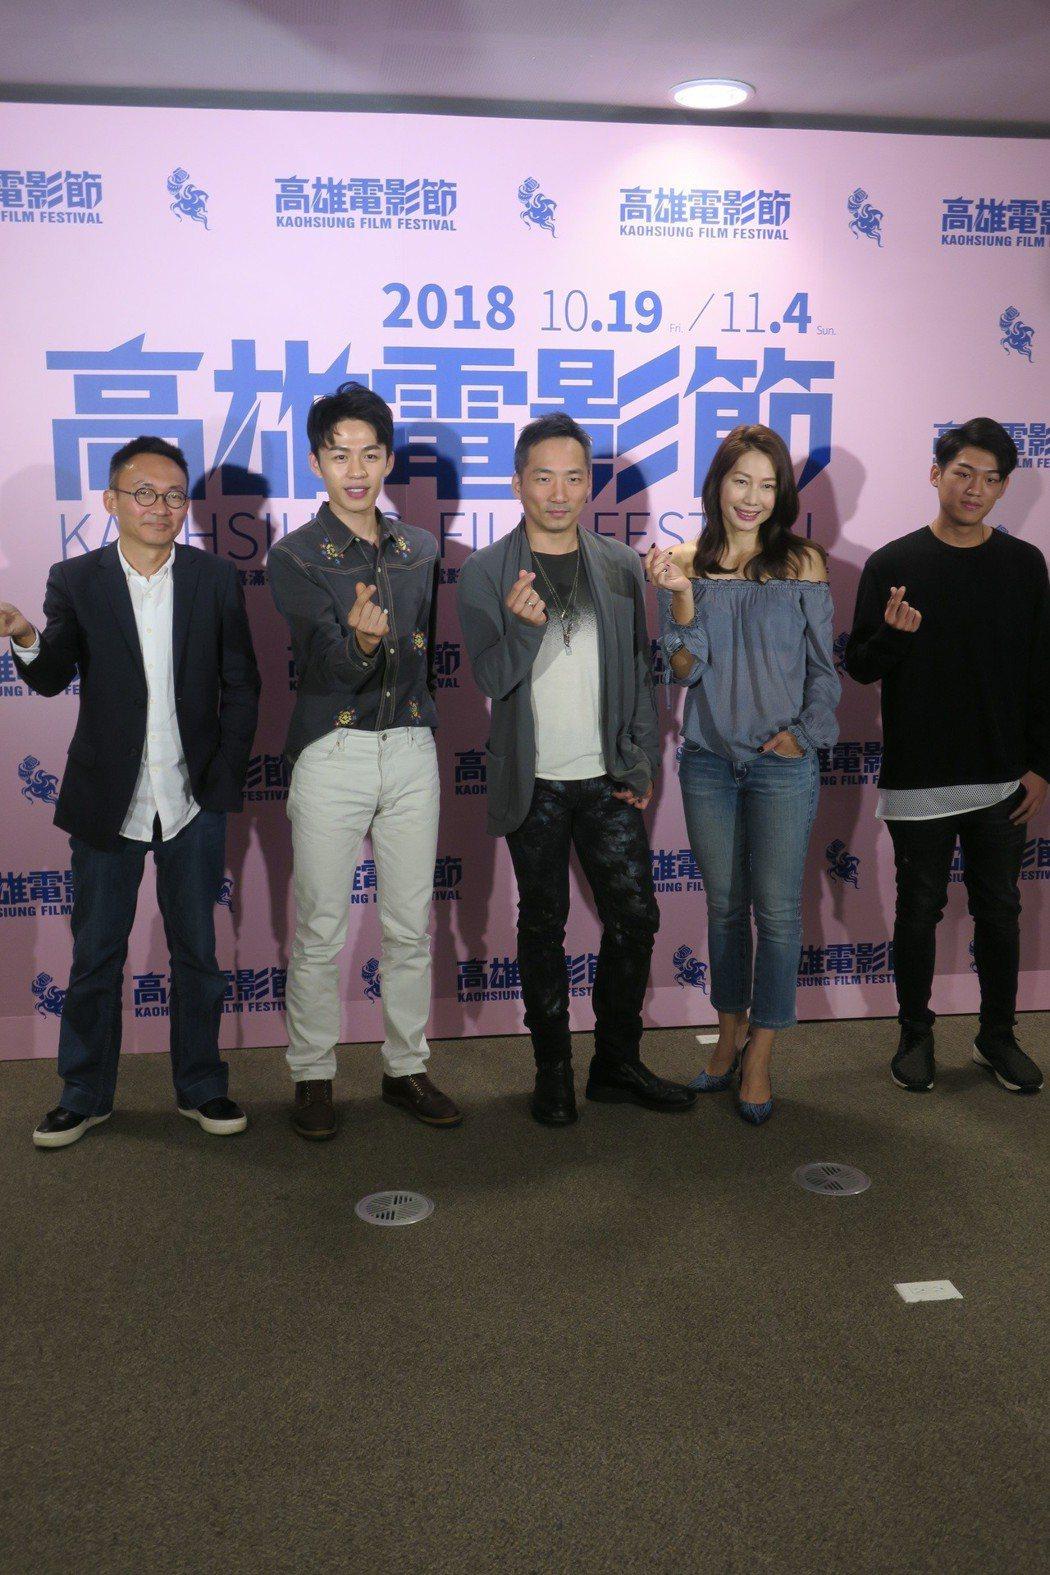 「幸福城市」導演何蔚庭(左起)及主要演員李鴻其、石頭、丁寧、謝章穎一起出席高雄電...